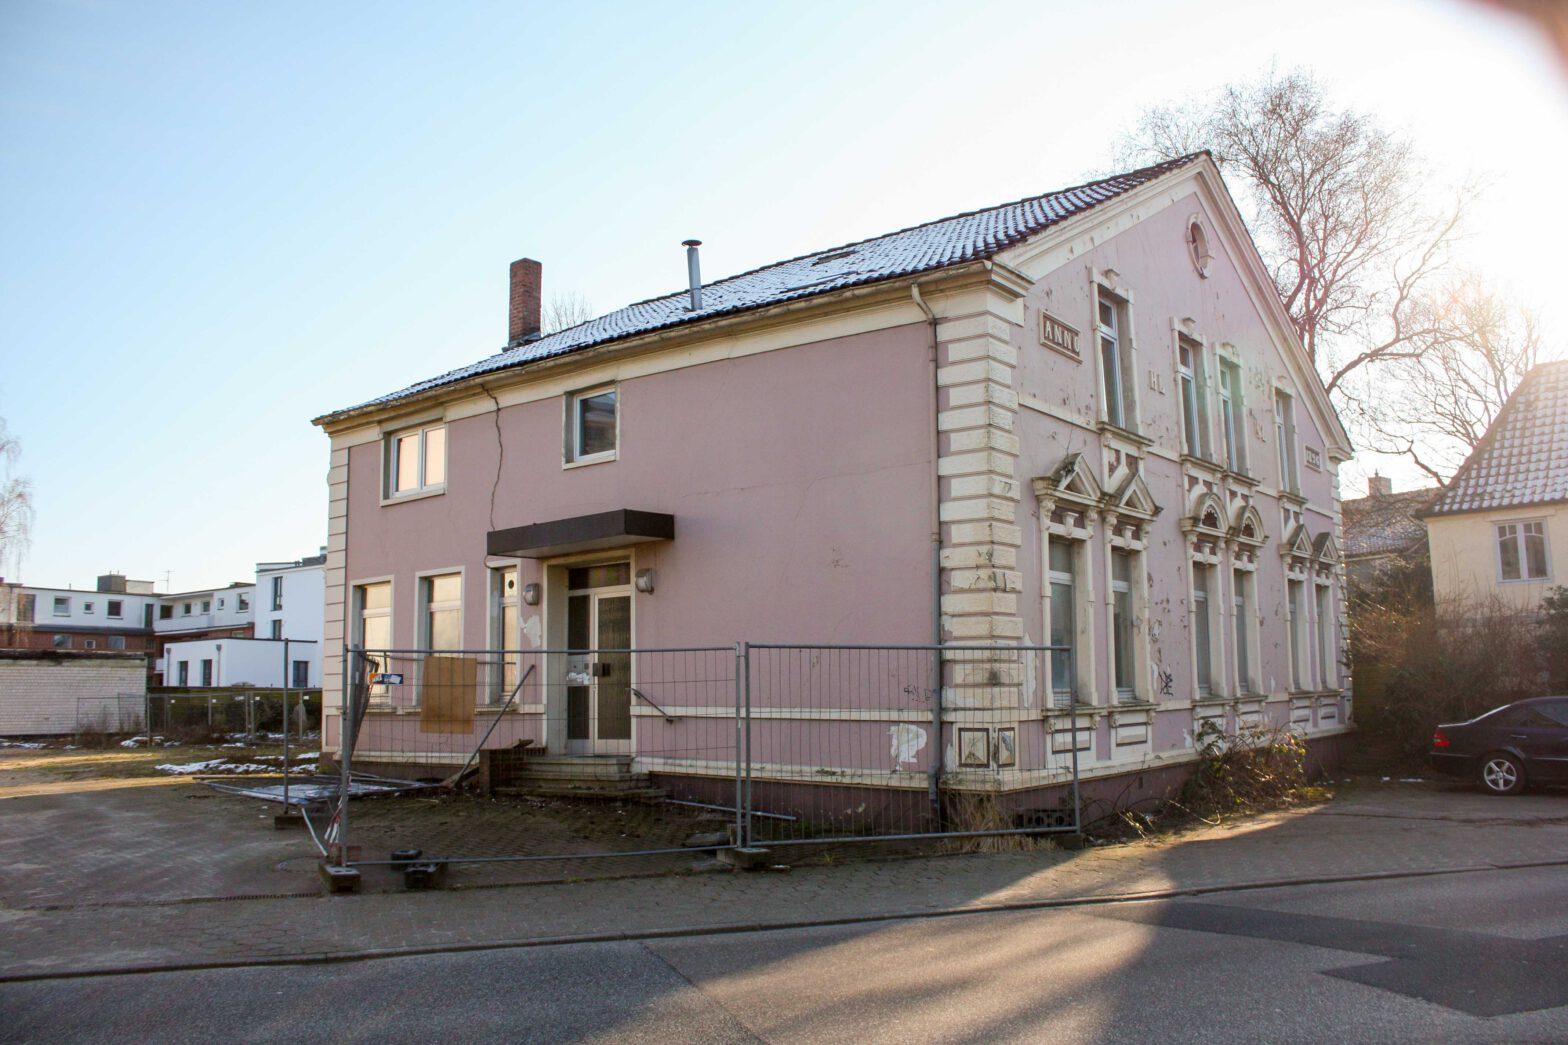 Historische Langeloh-Schlosserei – Abriss auf Zeit?